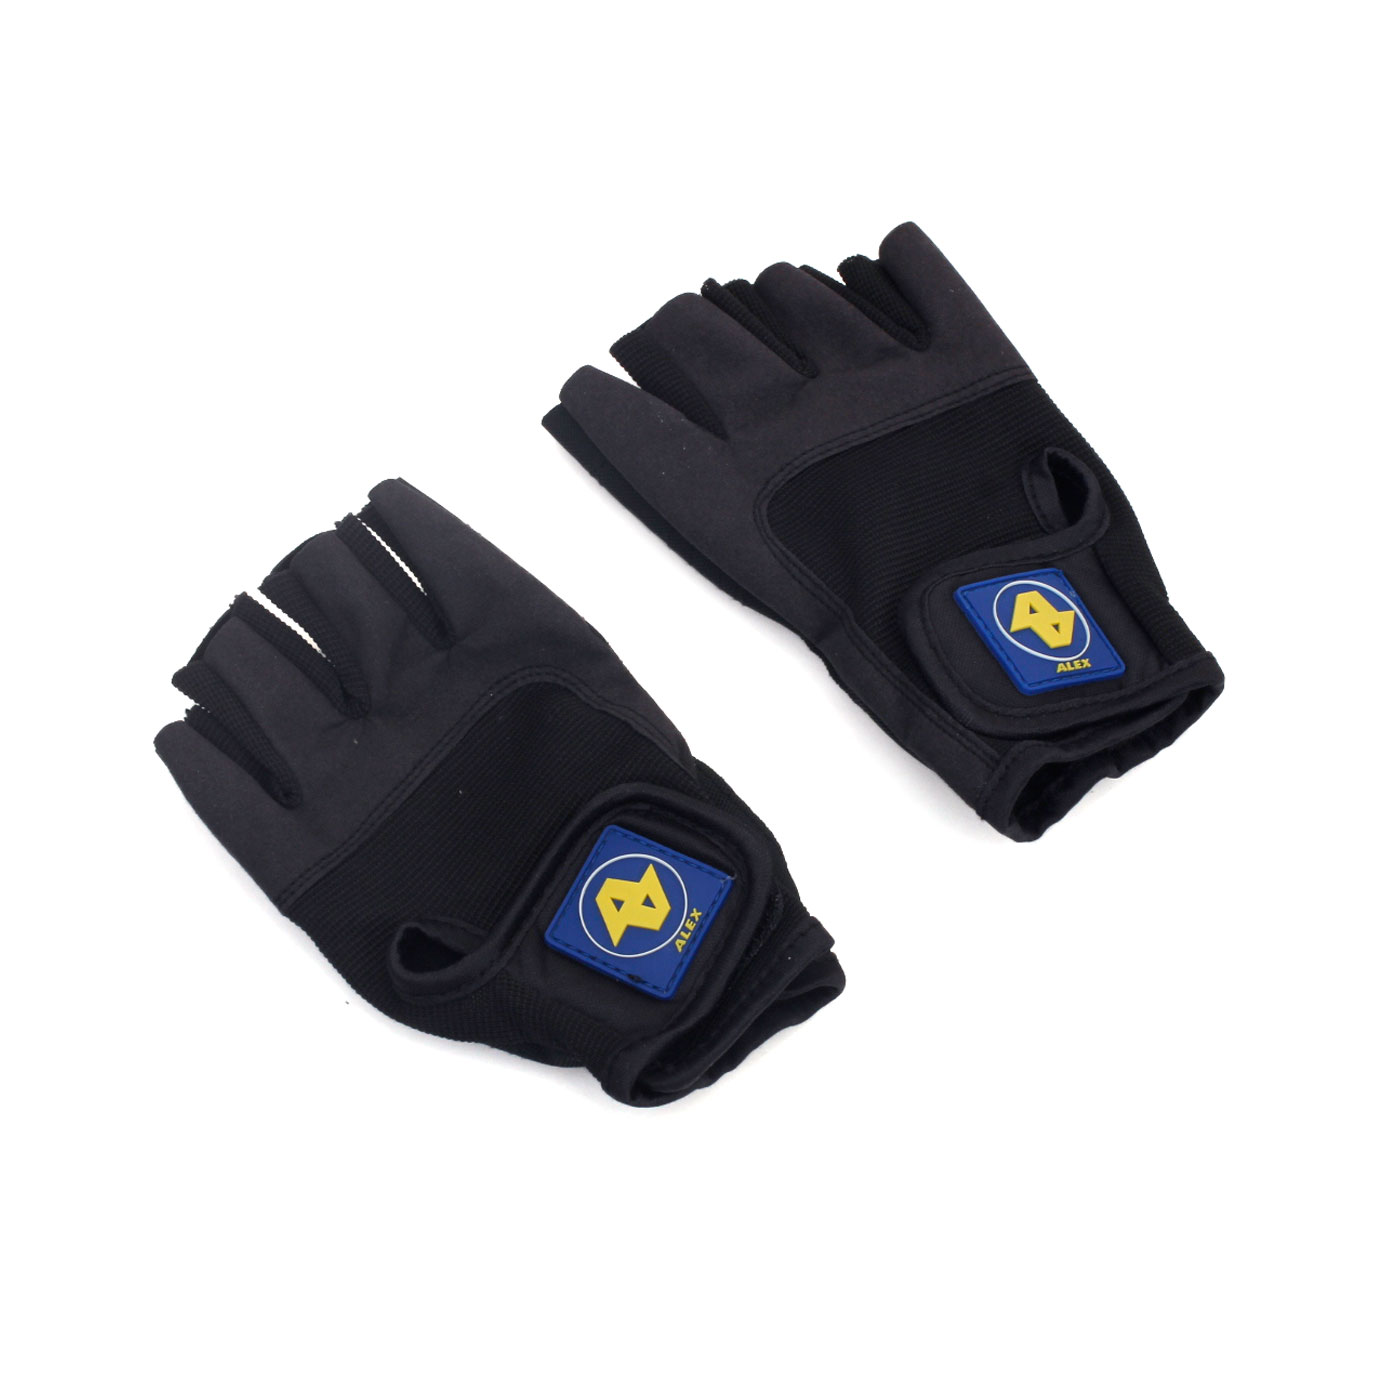 ALEX  專業多功能手套A-37 - 黑深灰